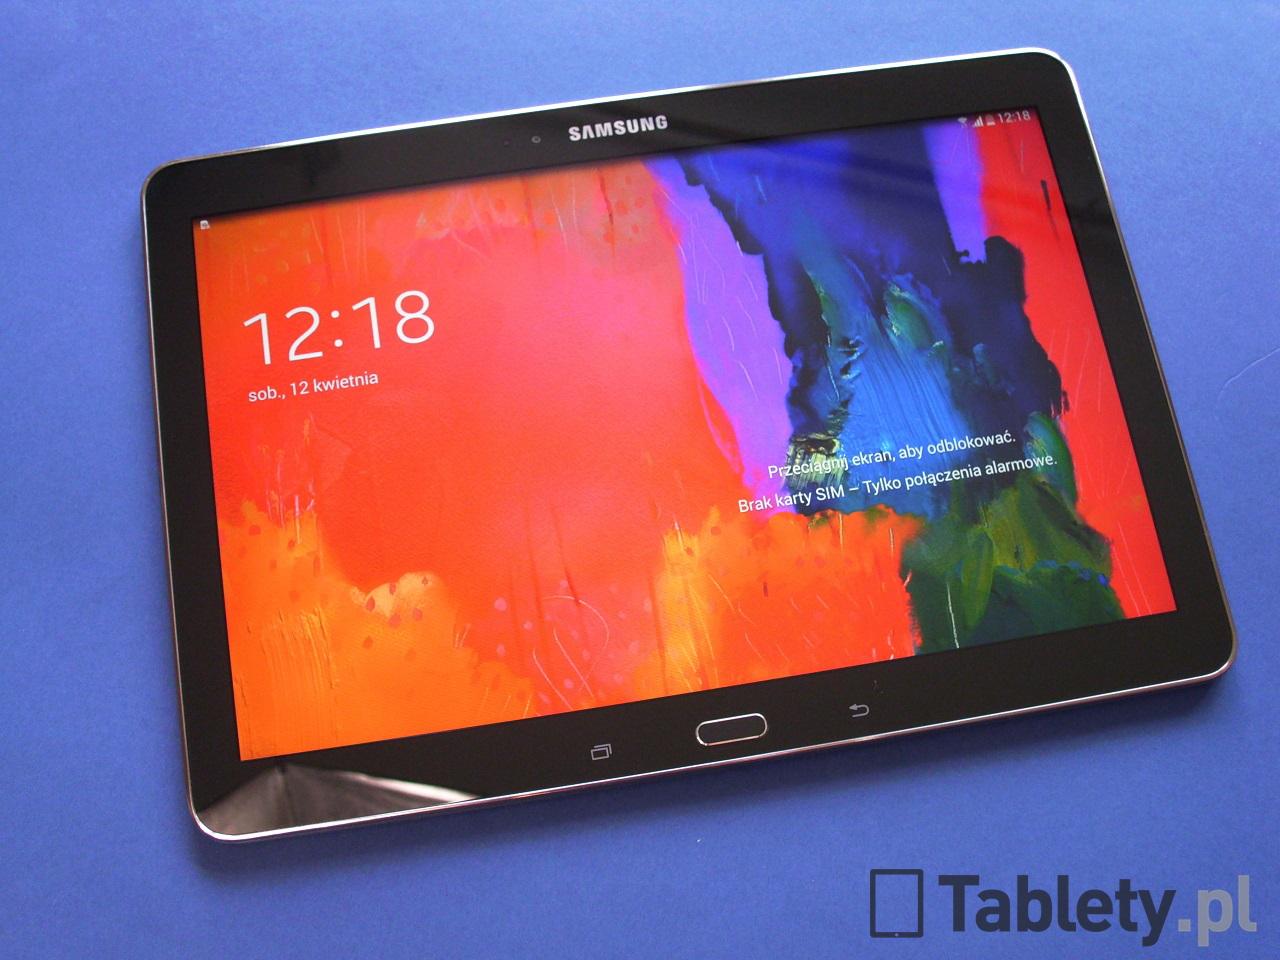 Samsung Galaxy TabPRO 10.1 01